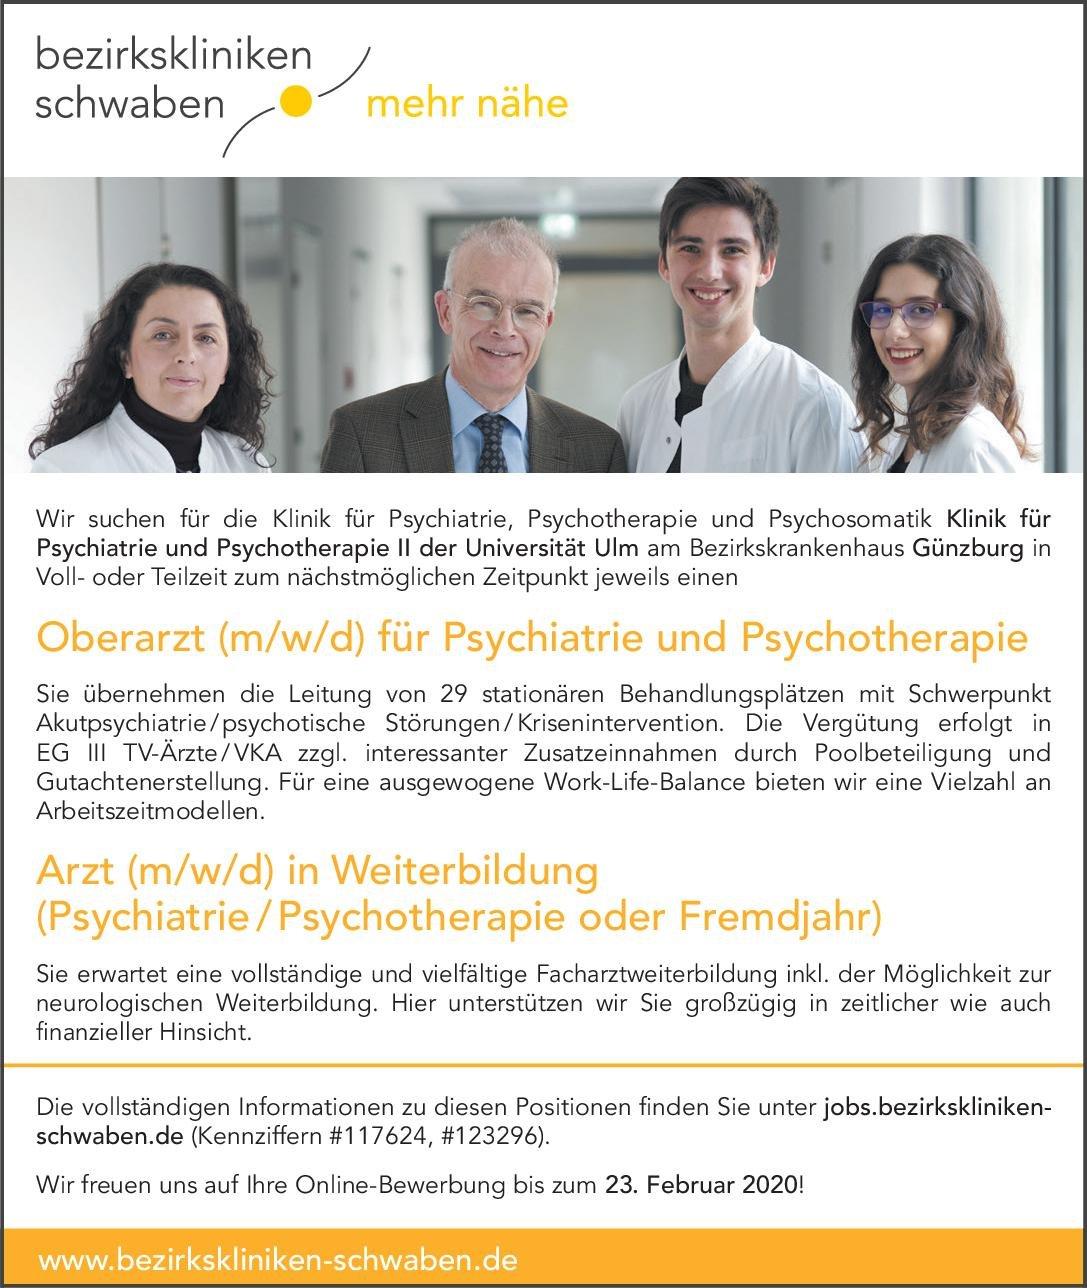 bezirkskliniken schwaben - Bezirkskrankenhaus Günzburg Arzt (m/w/d) in Weiterbildung (Psychiatrie/Psychotherapie oder Fremdjahr)  Psychiatrie und Psychotherapie, Psychiatrie und Psychotherapie Assistenzarzt / Arzt in Weiterbildung